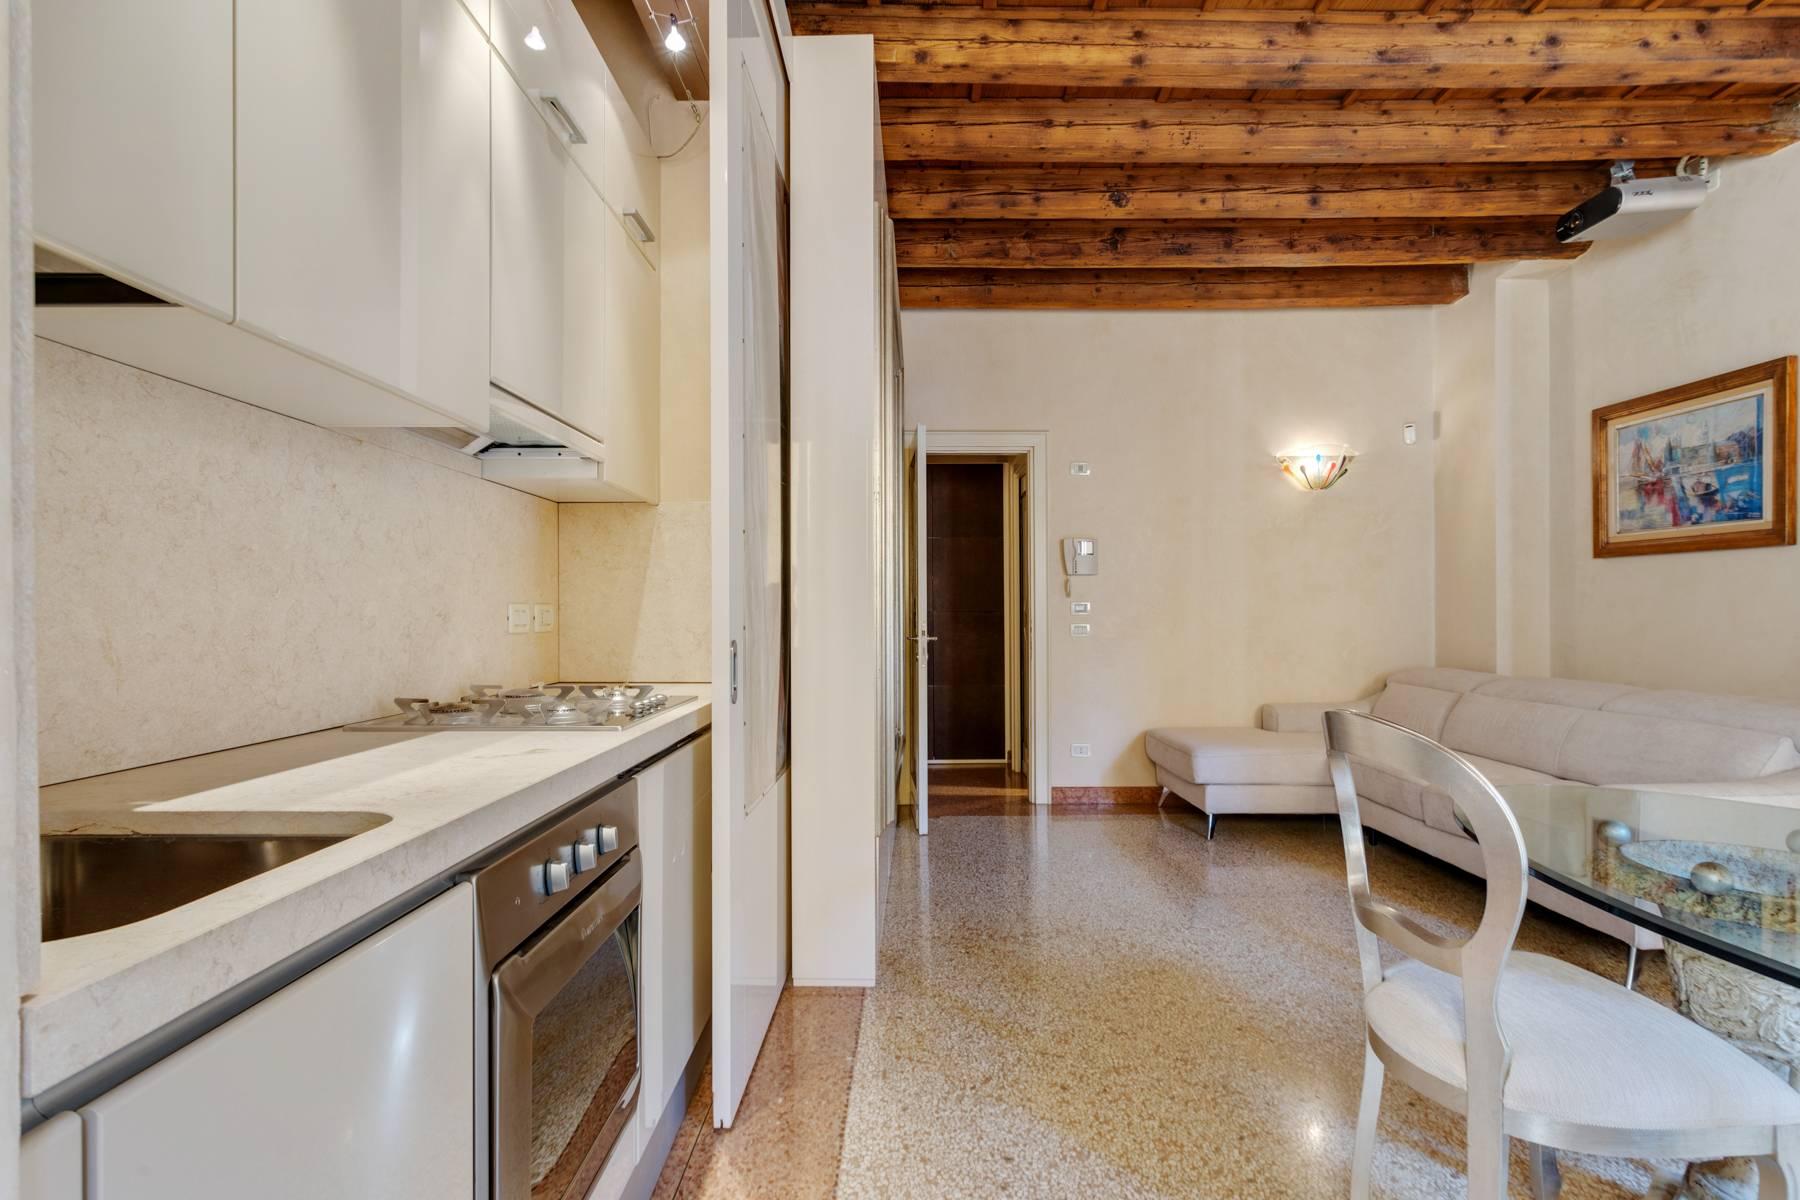 Appartamento in Vendita a Verona: 3 locali, 55 mq - Foto 7